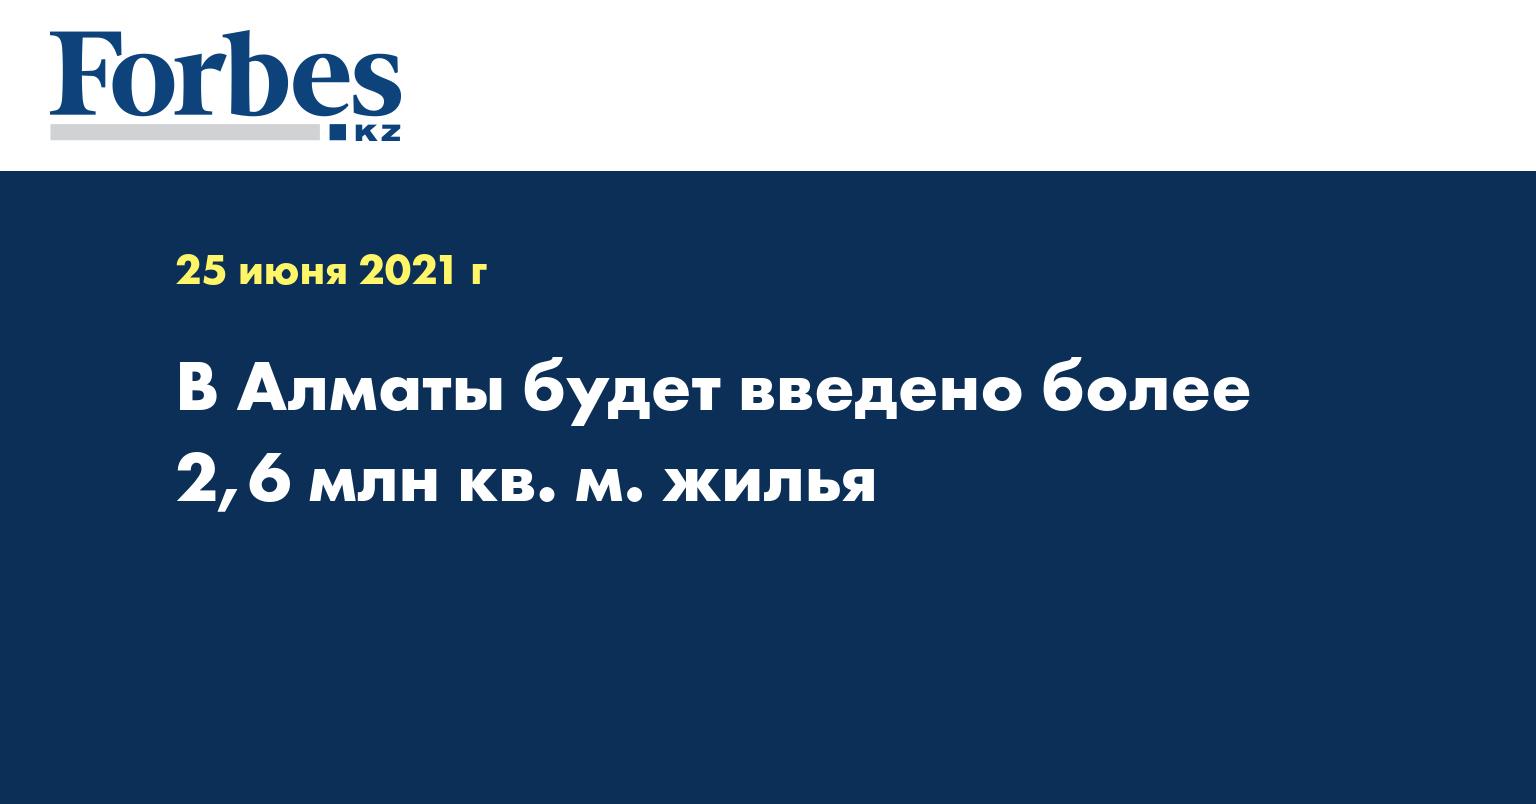 В Алматы будет введено более 2,6 млн кв. м. жилья